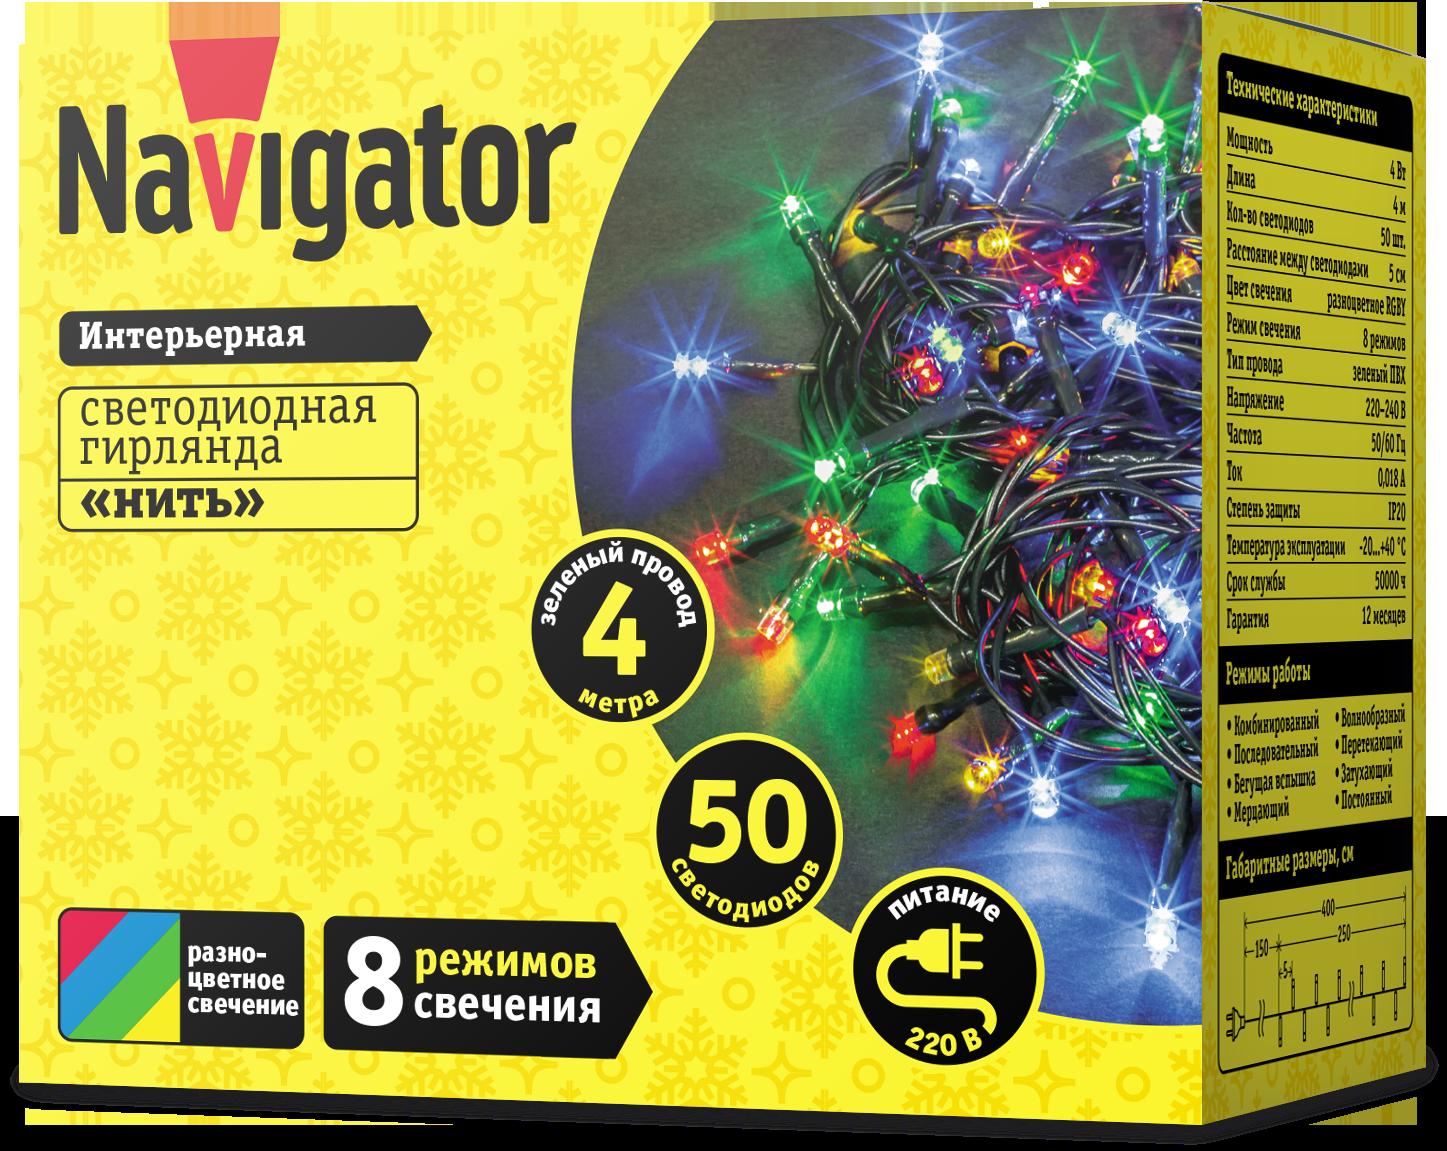 Гирлянды Navigator для праздничного настроения в новом году!